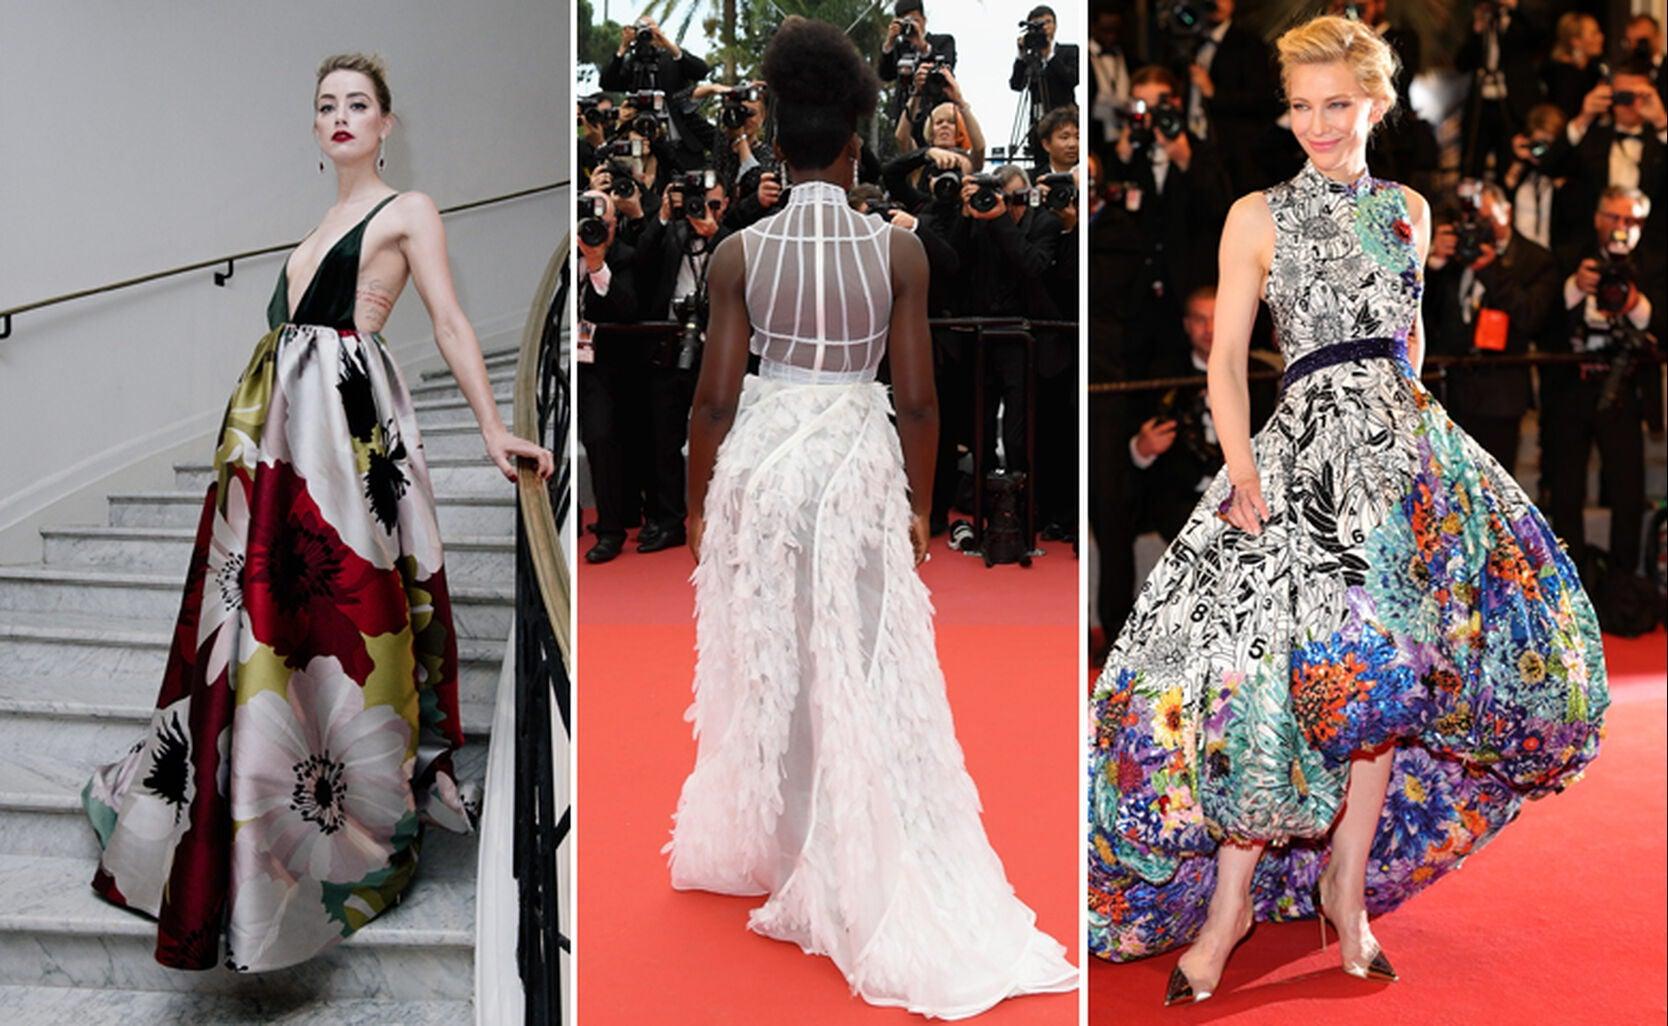 Amber Heard, Lupita Nyong'o and Cate Blanchett